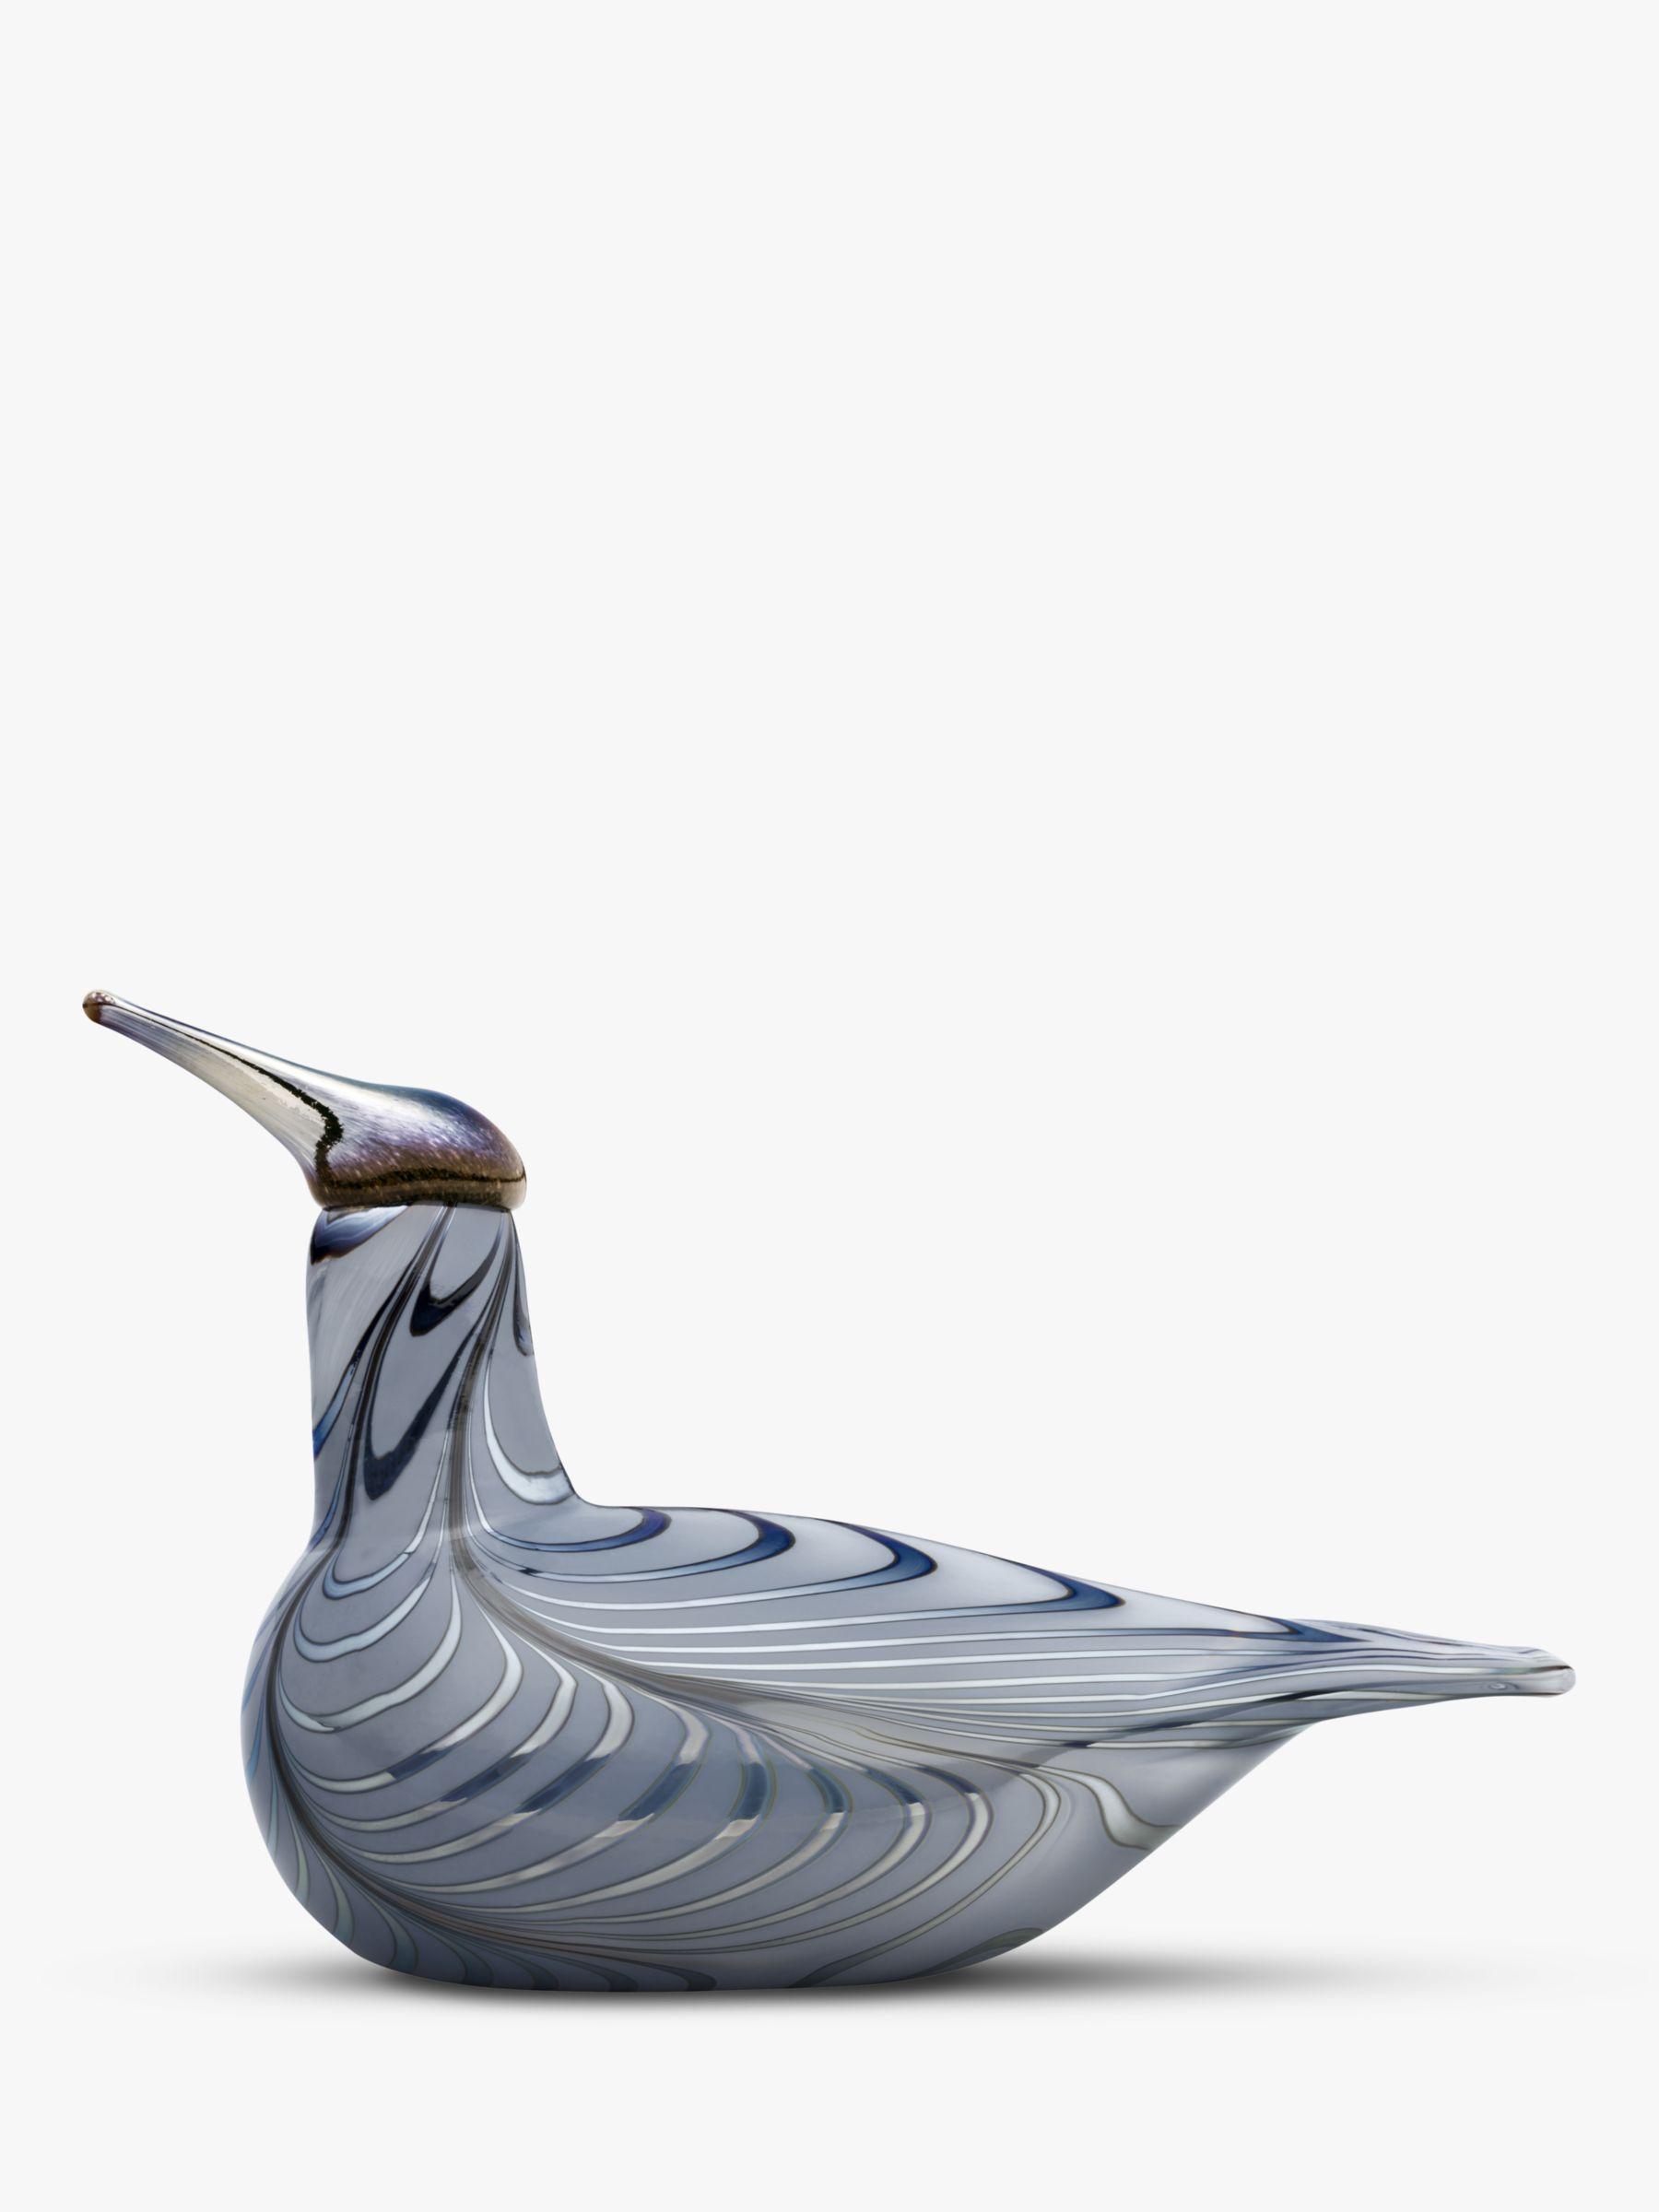 Iittala littala Toikka Vuono Glass Bird